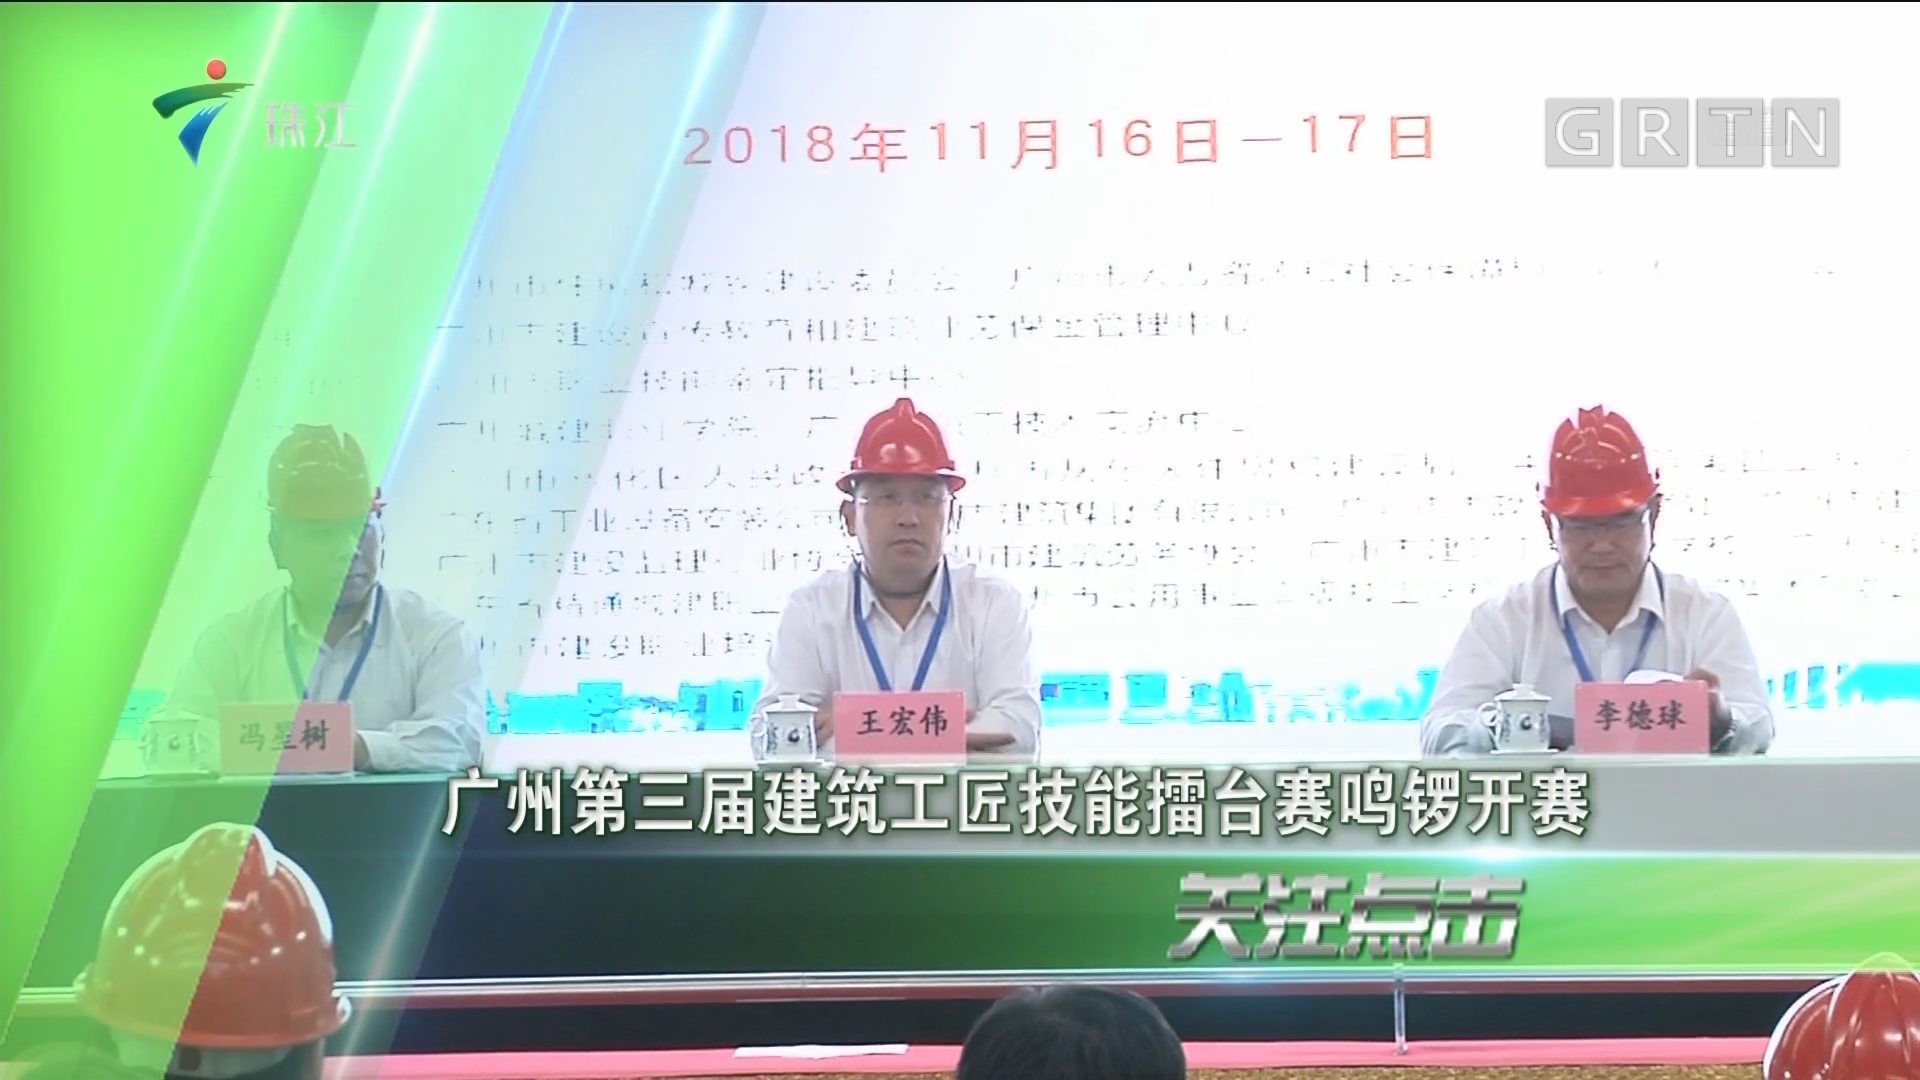 广州第三届建筑工匠技能擂台赛鸣锣开赛